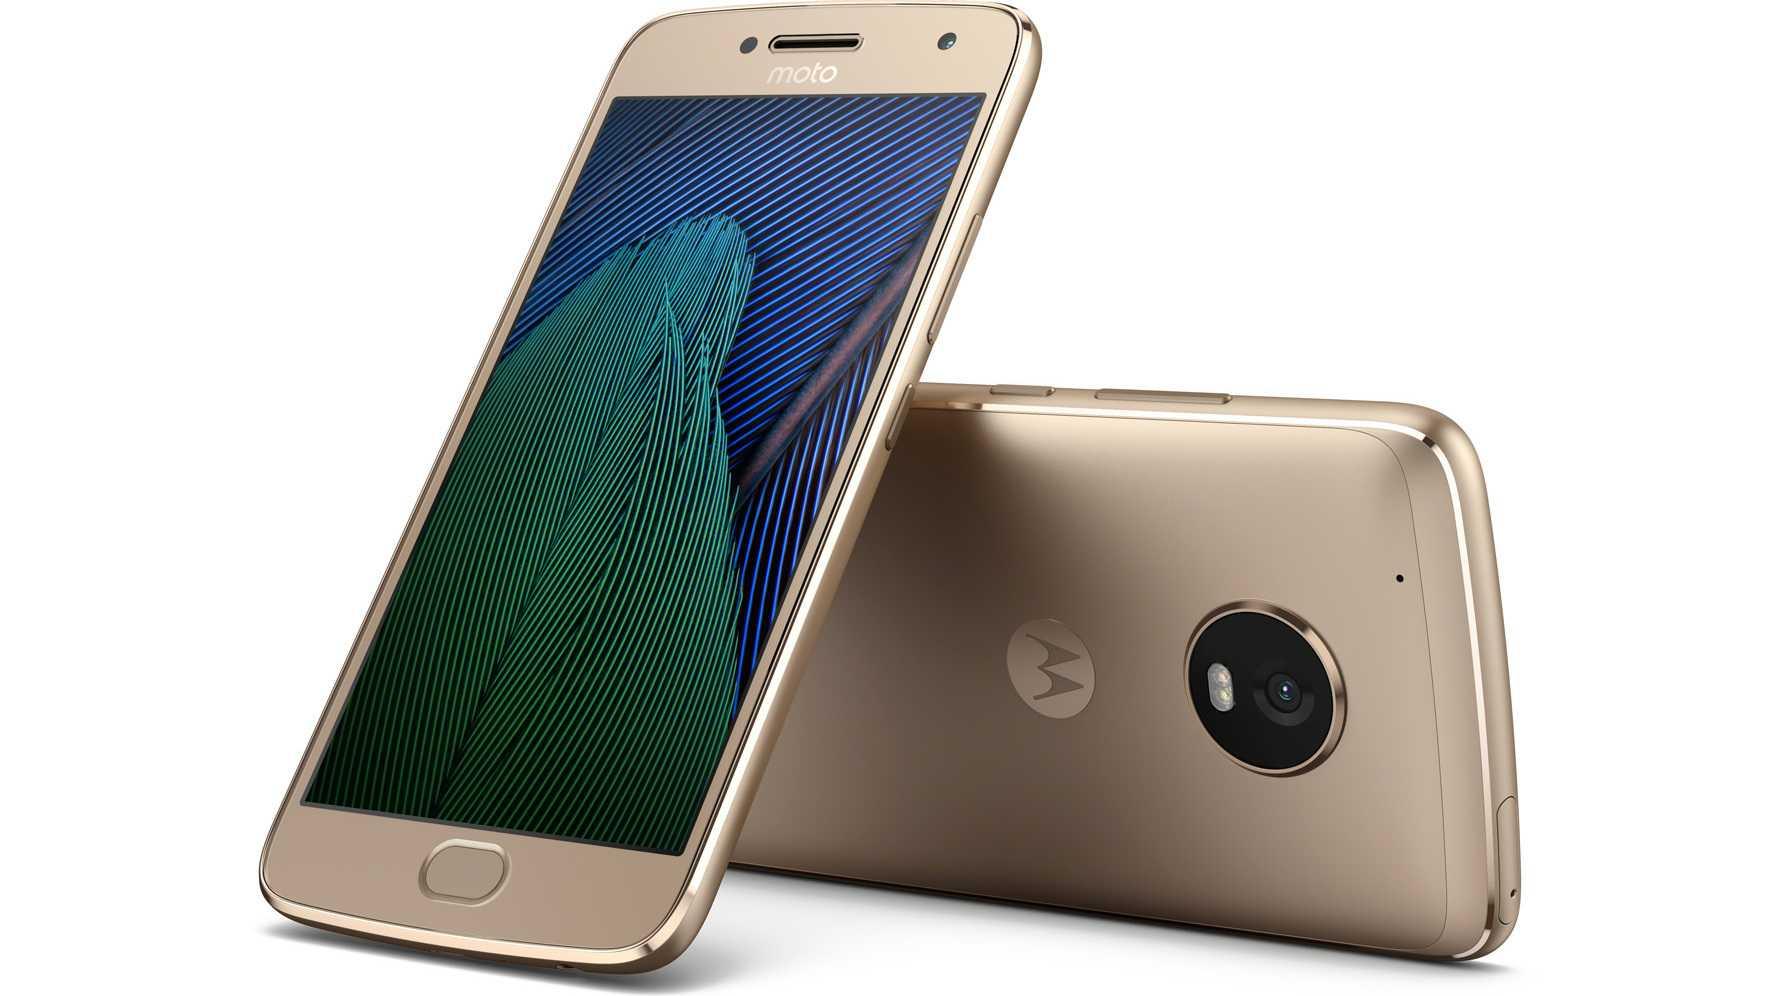 Moto G5 und Moto G5 Plus: preiswert und mit unverhunztem Android 7